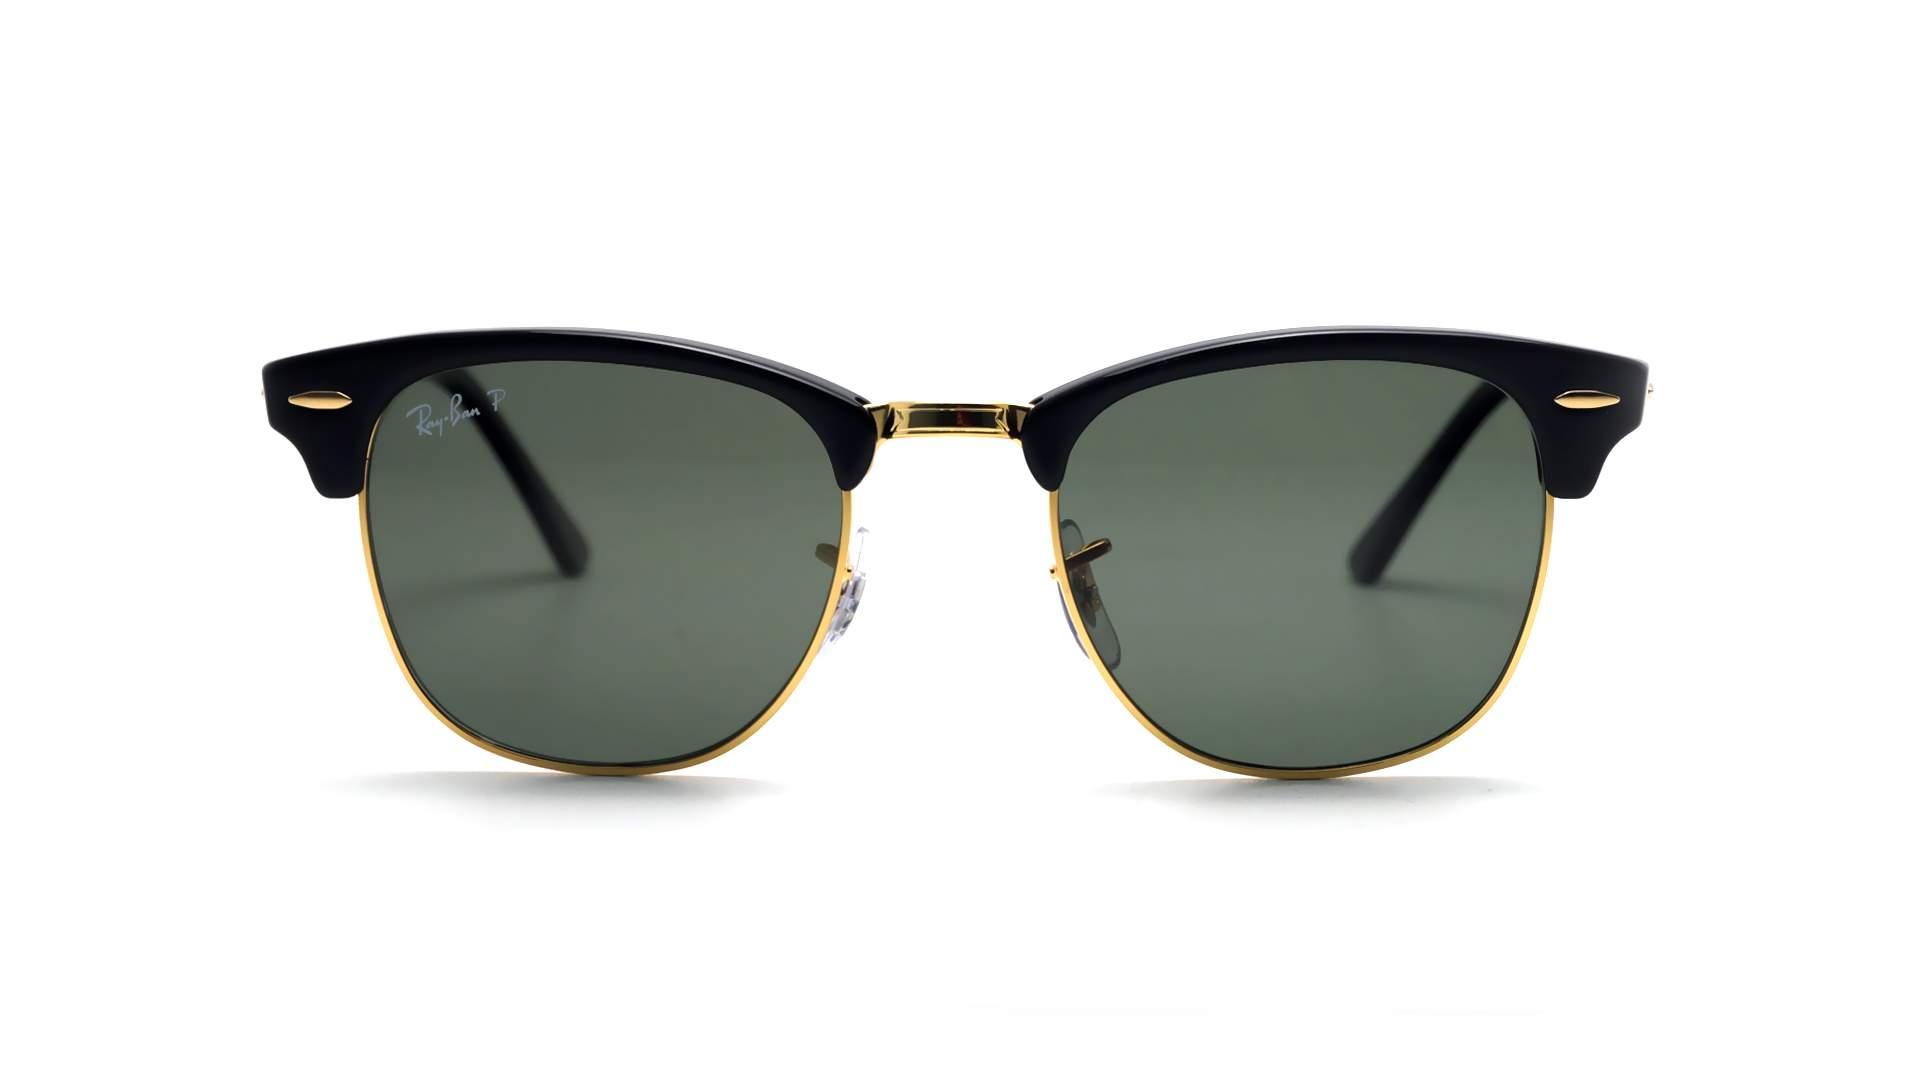 81825f055280e Sonnenbrillen Ray-Ban Clubmaster Schwarz RB3016 901 58 51-21 Mittel  Polarisierte Gläser